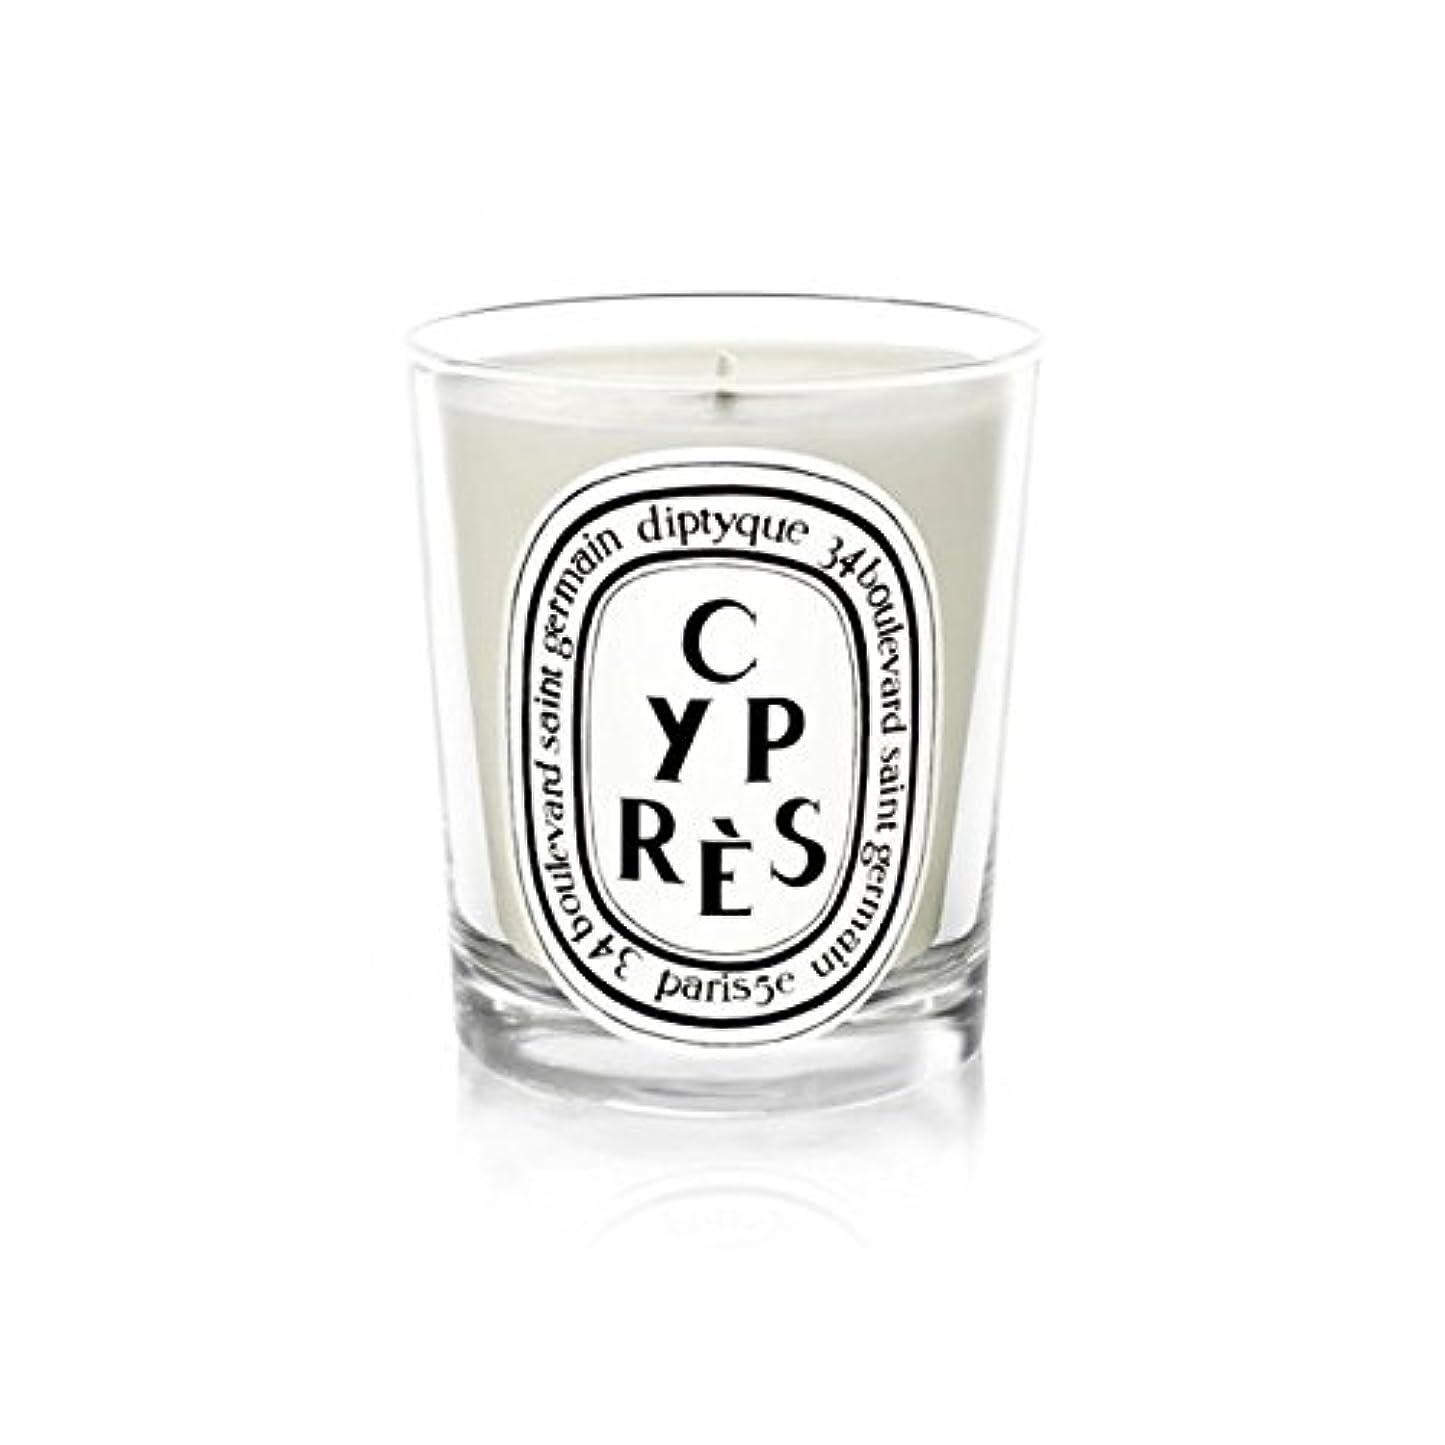 スーパーくしゃみ照らすDiptyqueキャンドルCypr?s/ヒノキ190グラム - Diptyque Candle Cypr?s / Cypress 190g (Diptyque) [並行輸入品]